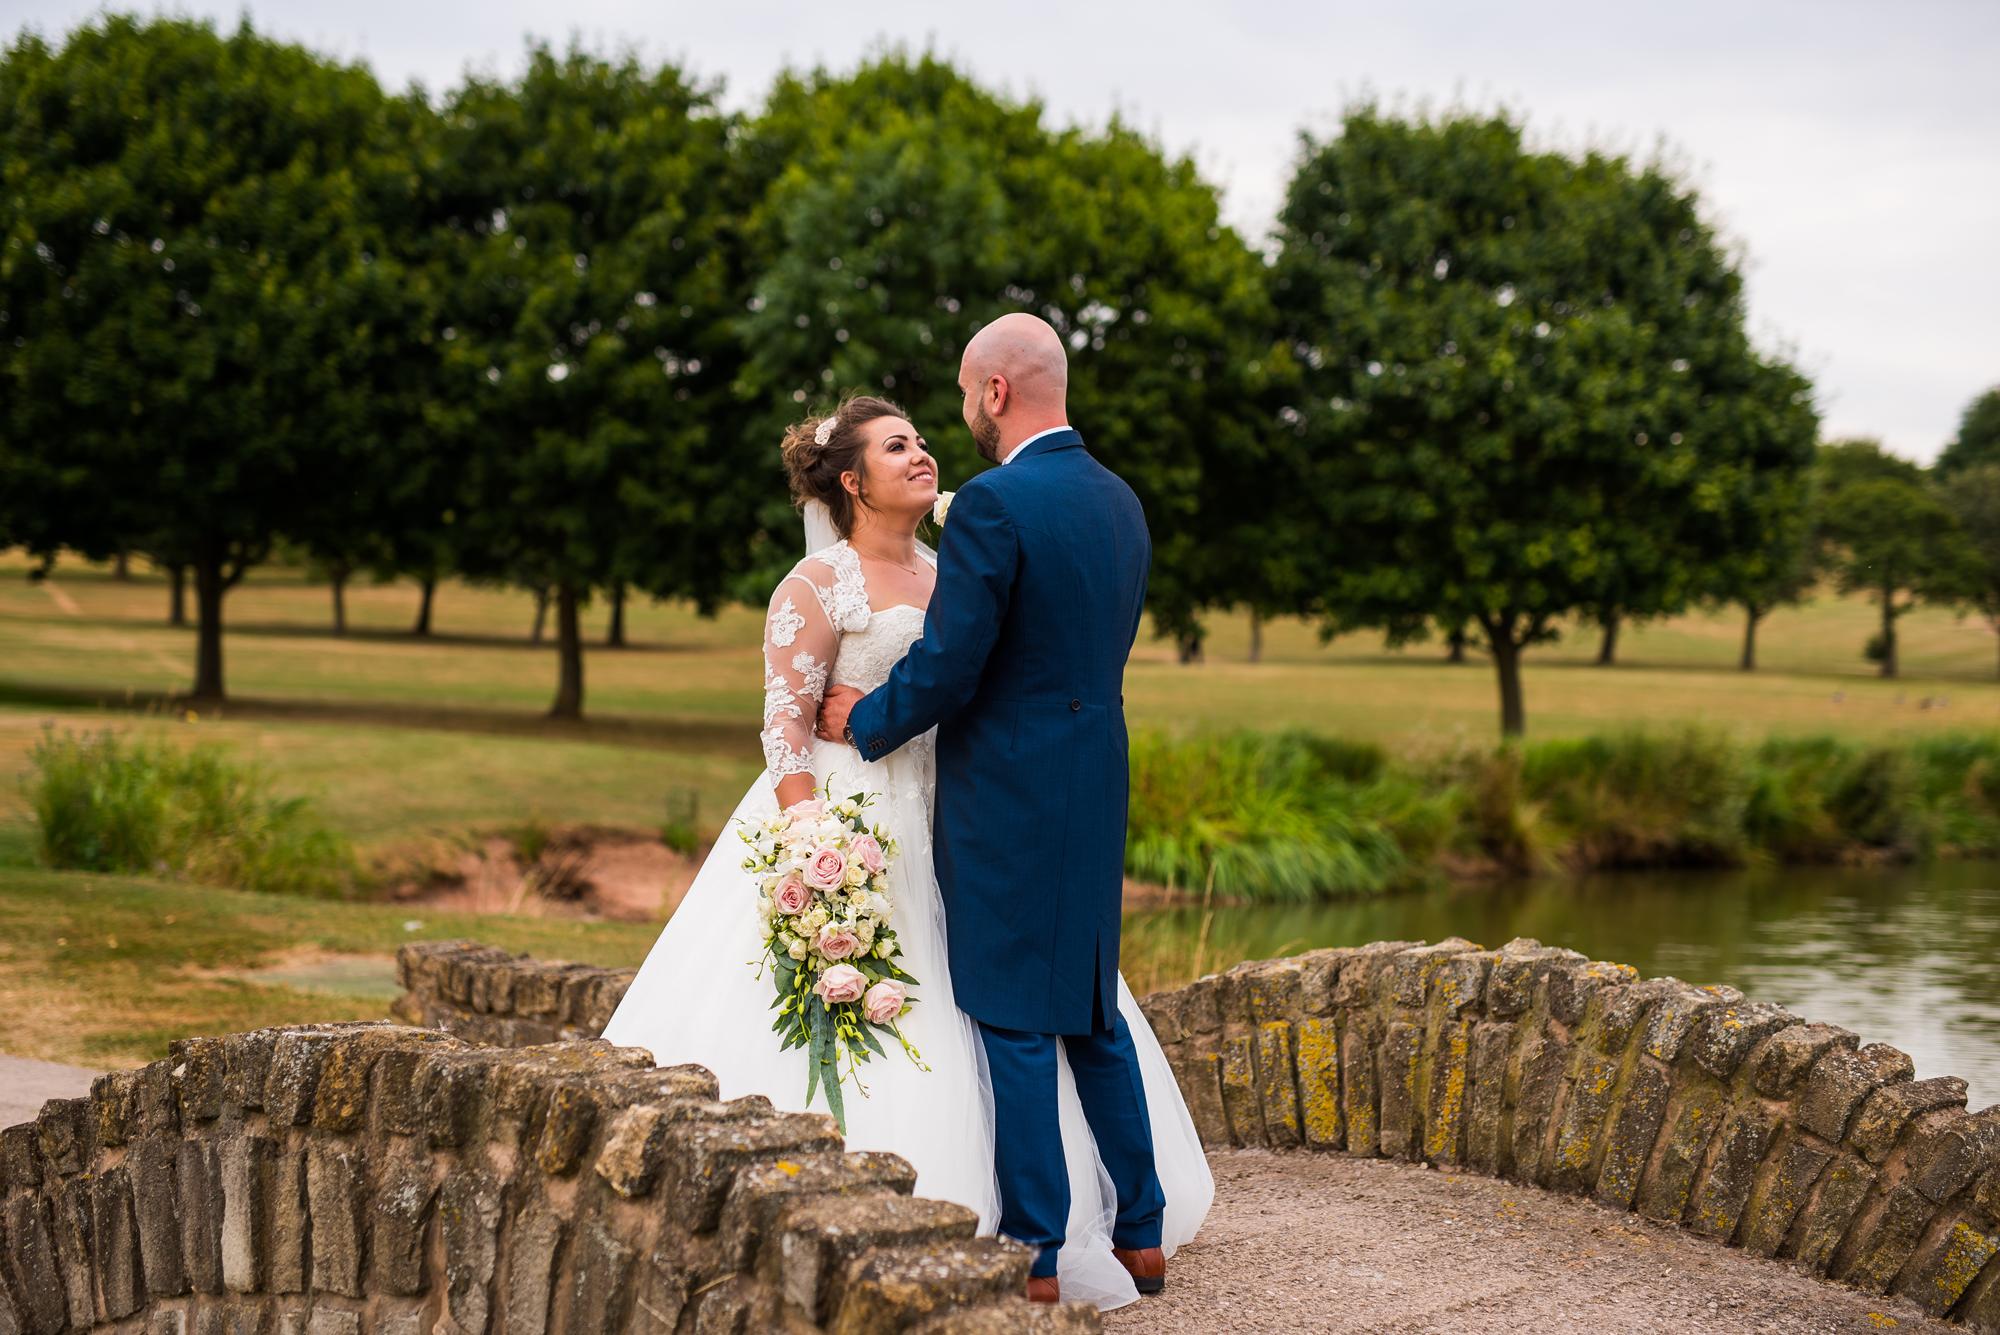 Roise and John wedding photos (318 of 383).jpg